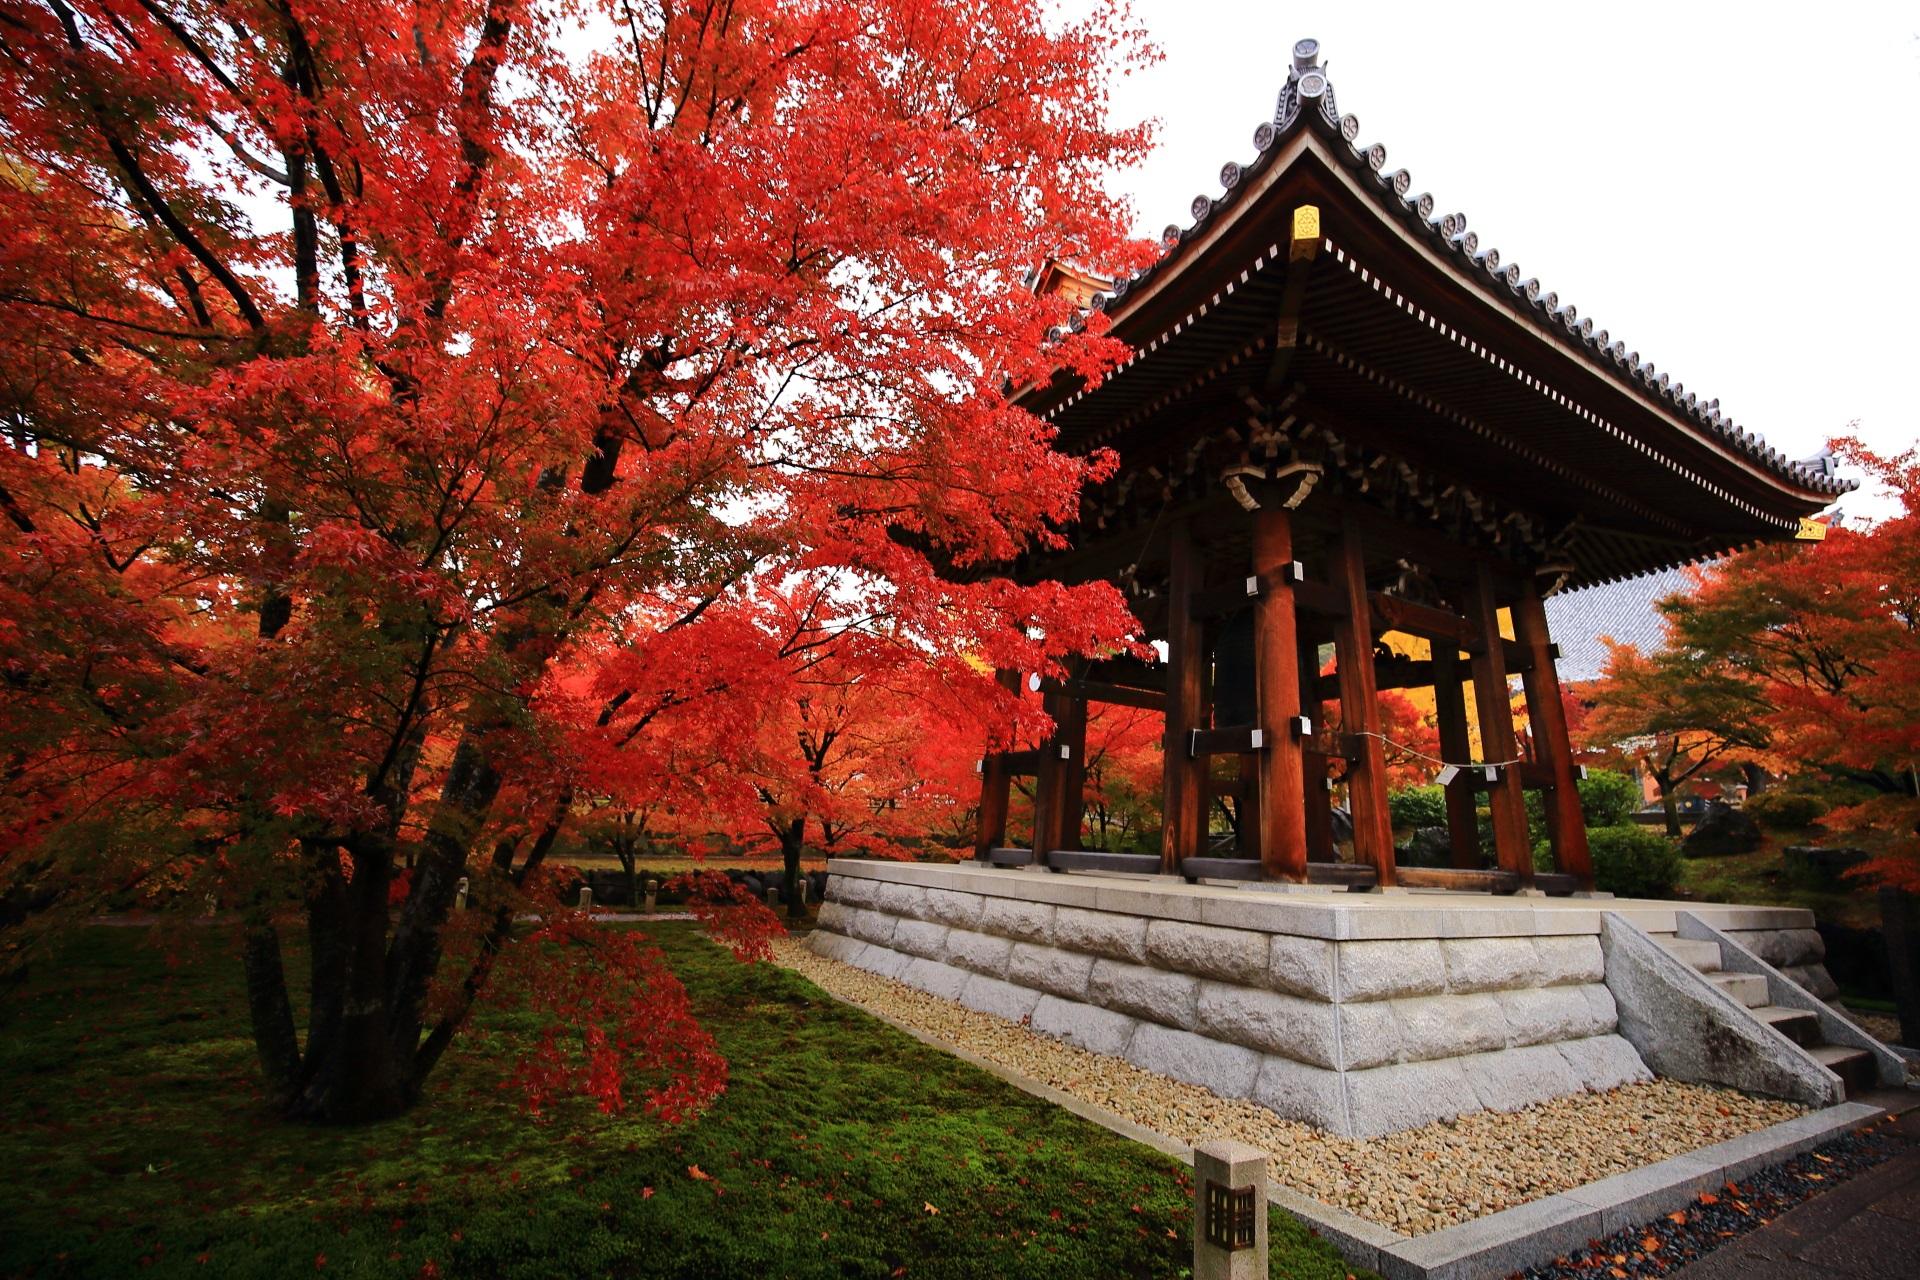 赤い紅葉に彩られる鐘楼と智積院の早朝の境内